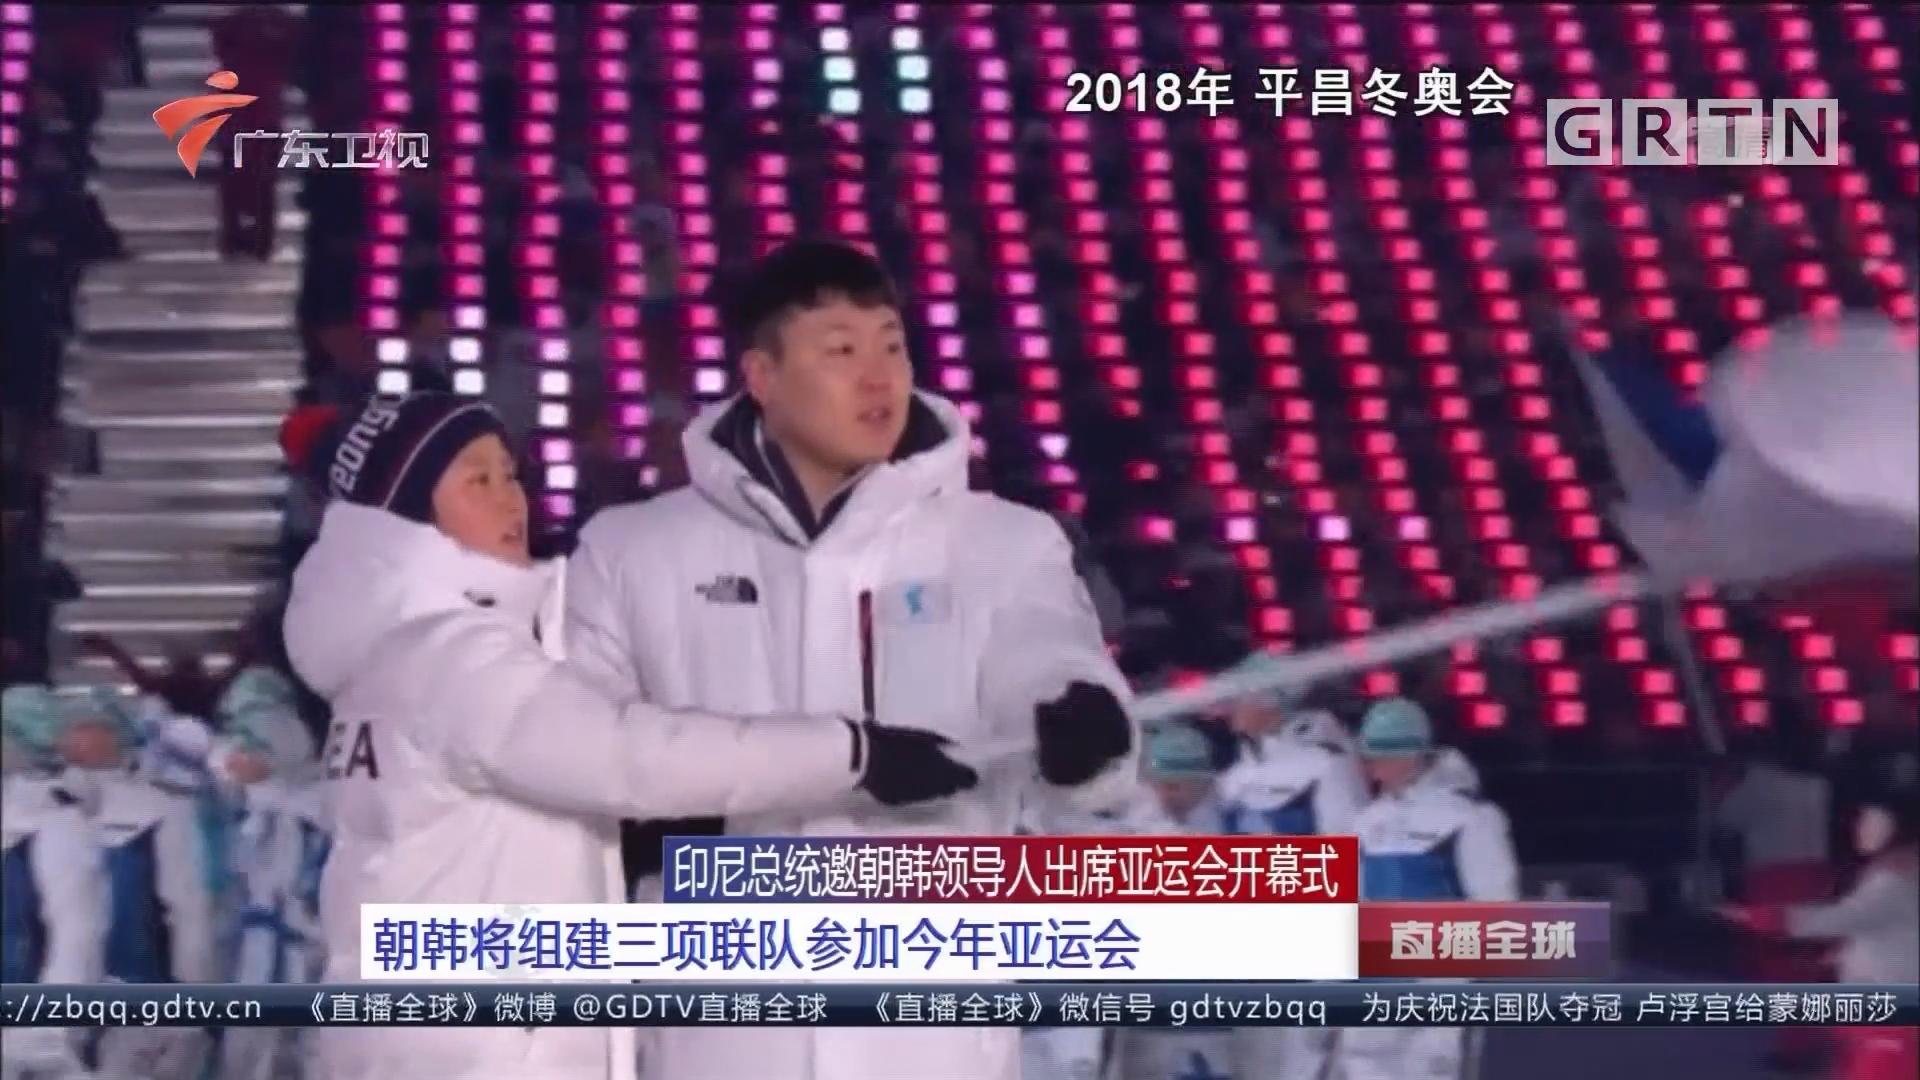 印尼总统邀朝韩领导人出席亚运会开幕式:朝韩将组建三项联队参加今年亚运会